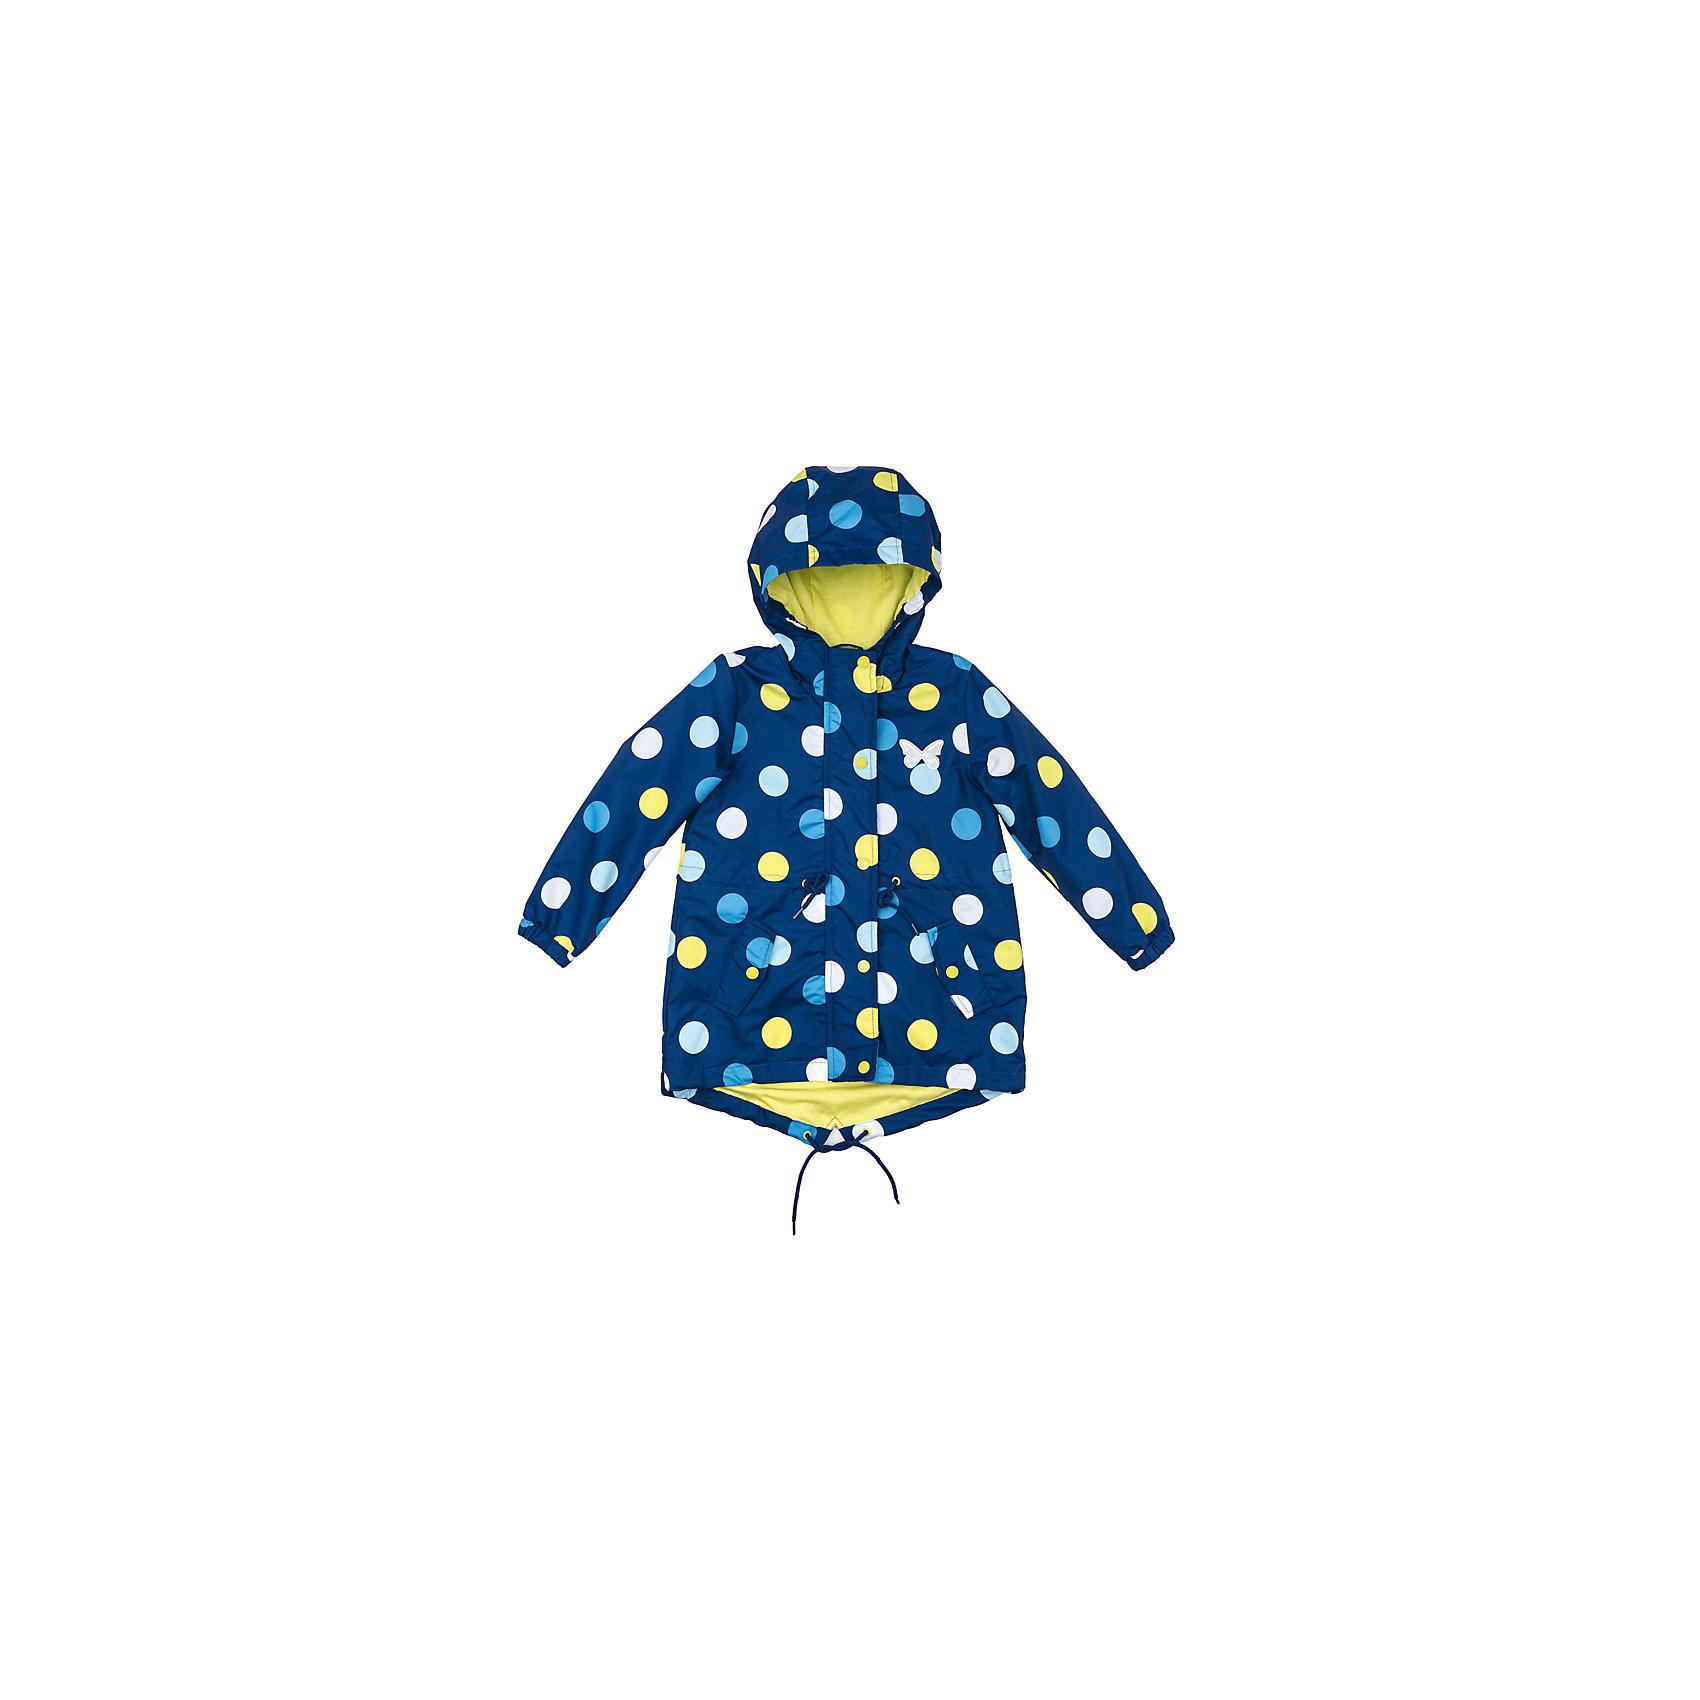 Куртка для девочки PlayTodayВетровки и жакеты<br>Куртка для девочки PlayToday<br>Практичная яркая со специальной водоотталкивающей пропиткой защитит Вашего ребенка в любую погоду! Мягкие  резинки на рукавах защитят Вашего ребенка - ветер не сможет проникнуть под куртку.  Специальный карман для фиксации застежки-молнии не позволит застежке травмировать нежную кожу ребенка. Модель снабжена удобными регулируемым шнурами - кулисками на капюшоне, талии и по низу изделия. Светоотражатели позволят видеть Вашего ребенка в темное время суток.  <br><br>Преимущества: <br><br>Водоооталкивающая ткань<br>Защита подбородка. Специальный карман для фиксации застежки-молнии. Наличие данного кармана не позволит застежке -молнии травмировать нежную кожу ребенка<br>Модель снабжена удобными регулируемыми шнурами - кулисками<br><br>Состав:<br>Верх: 100% полиэстер, подкладка: 60% хлопок, 40% полиэстер<br><br>Ширина мм: 356<br>Глубина мм: 10<br>Высота мм: 245<br>Вес г: 519<br>Цвет: разноцветный<br>Возраст от месяцев: 24<br>Возраст до месяцев: 36<br>Пол: Женский<br>Возраст: Детский<br>Размер: 98,128,104,110,116,122<br>SKU: 5404230